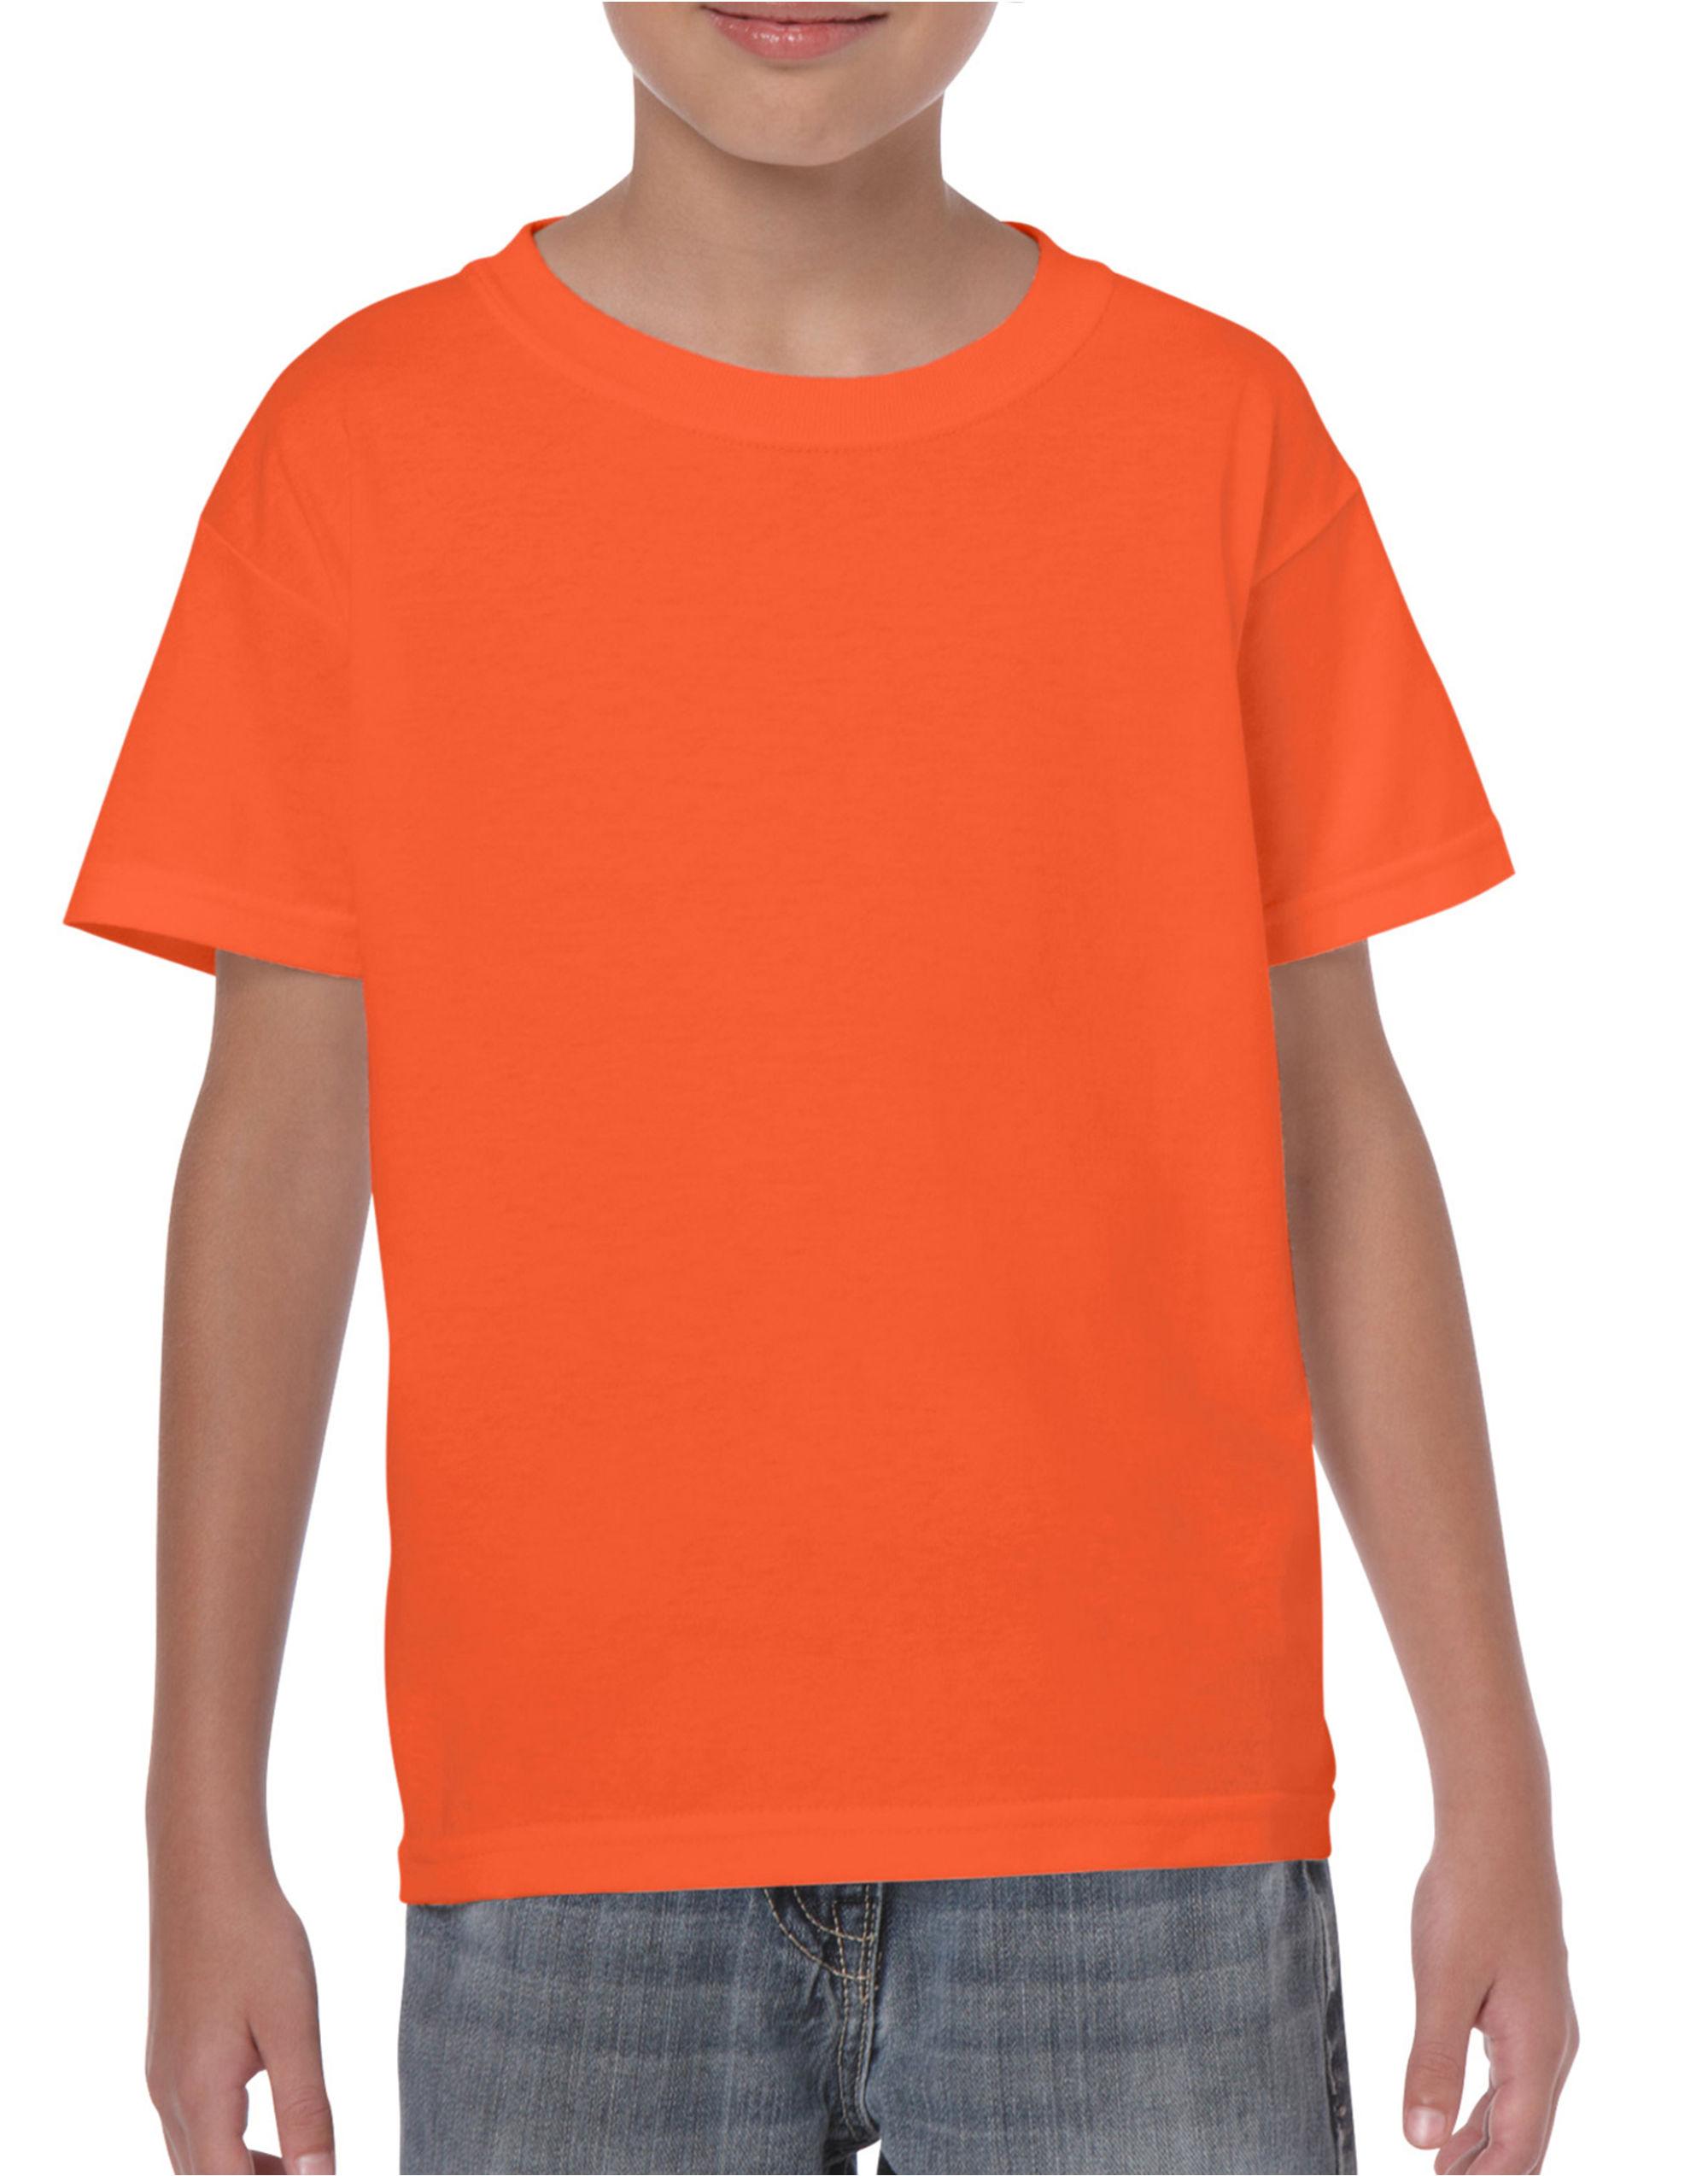 Children's Heavy Cotton T-Shirt